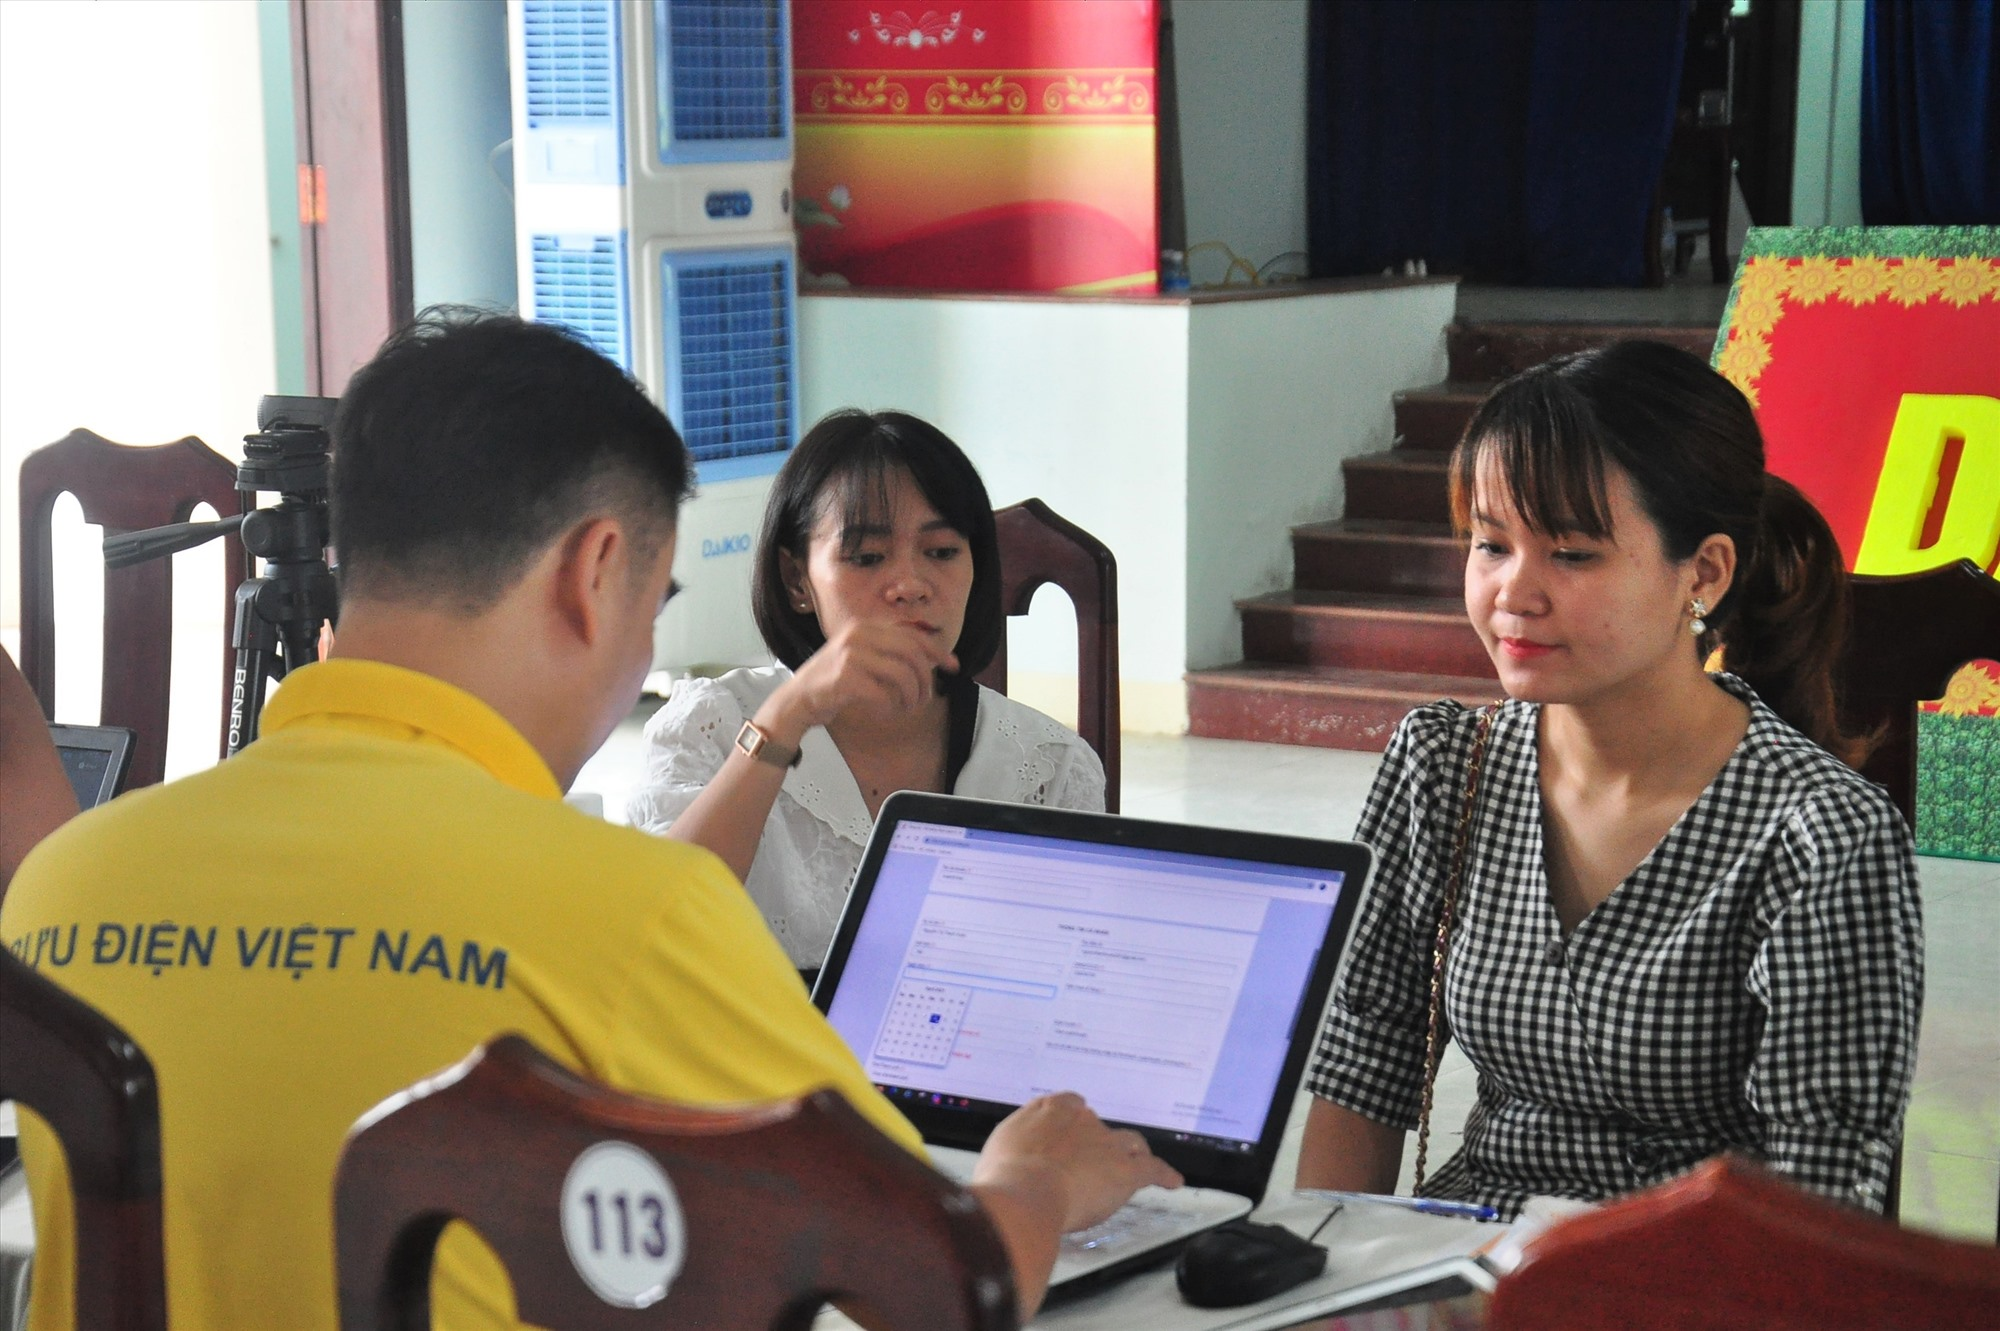 Cán bộ, người dân thị trấn Nam Phước được nhân viên bưu điện thực hiện định danh xác thực điện tử miễn phí. Ảnh: VINH ANH